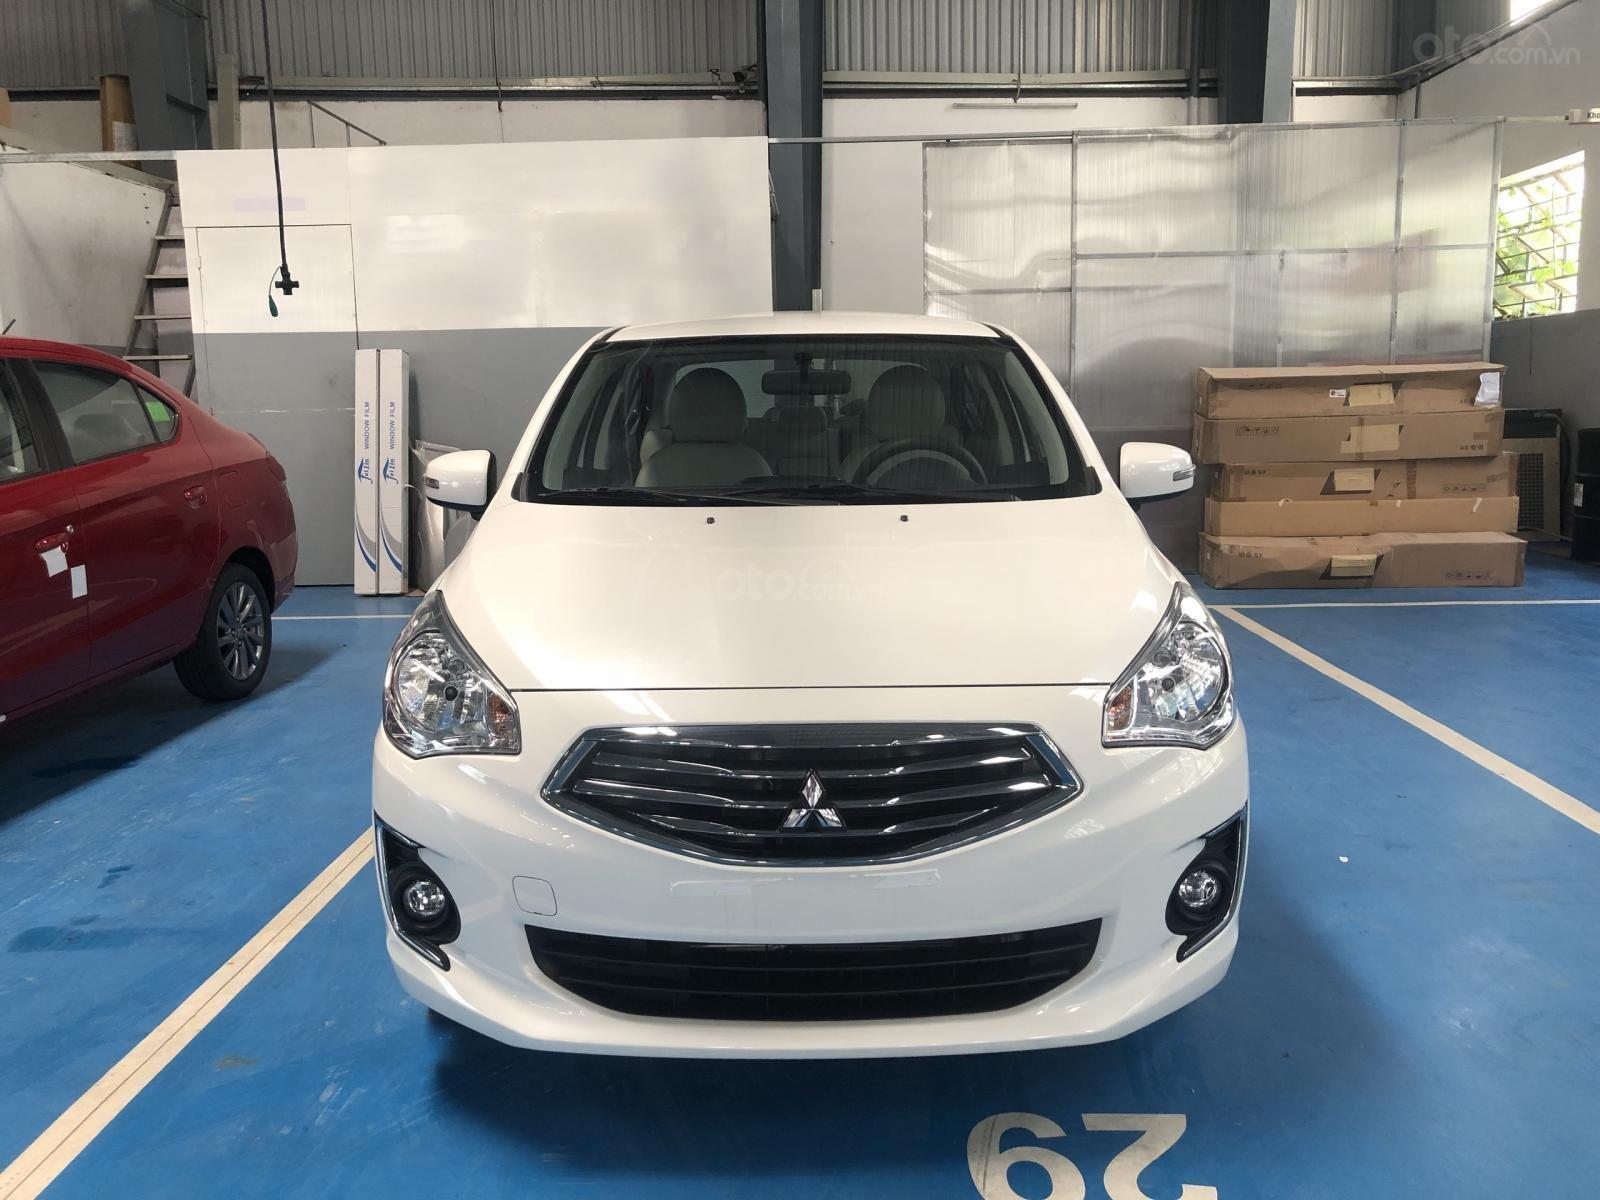 [SỐC] Sở hữu Mitsubishi Attrage nhập Thái chỉ với 130 triệu, lợi xăng 5L/100km, kinh doanh hiệu quả, trả góp 80% (2)